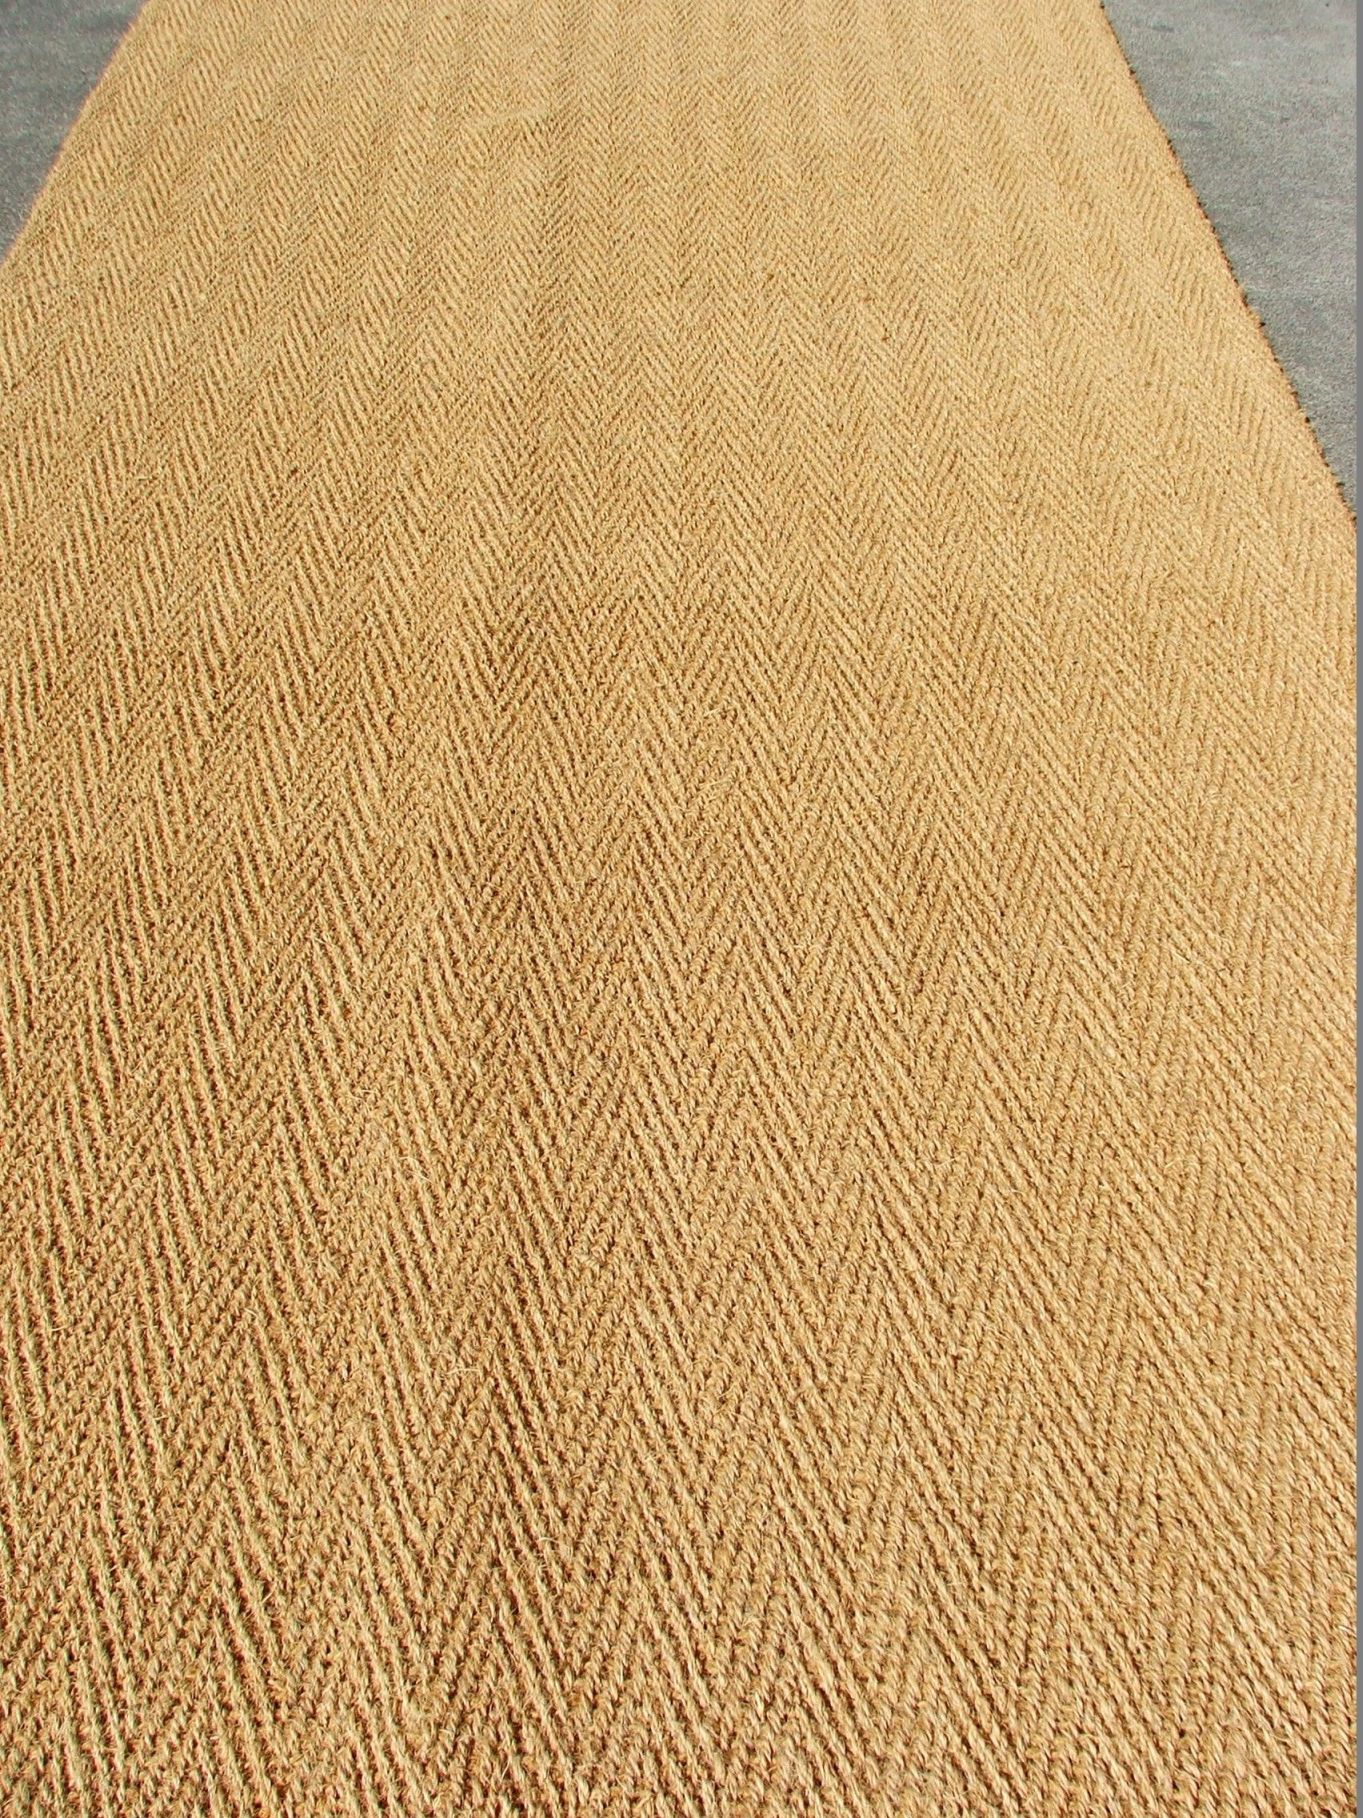 Coirstore Coir Matting 12 2 Meter Length Roll